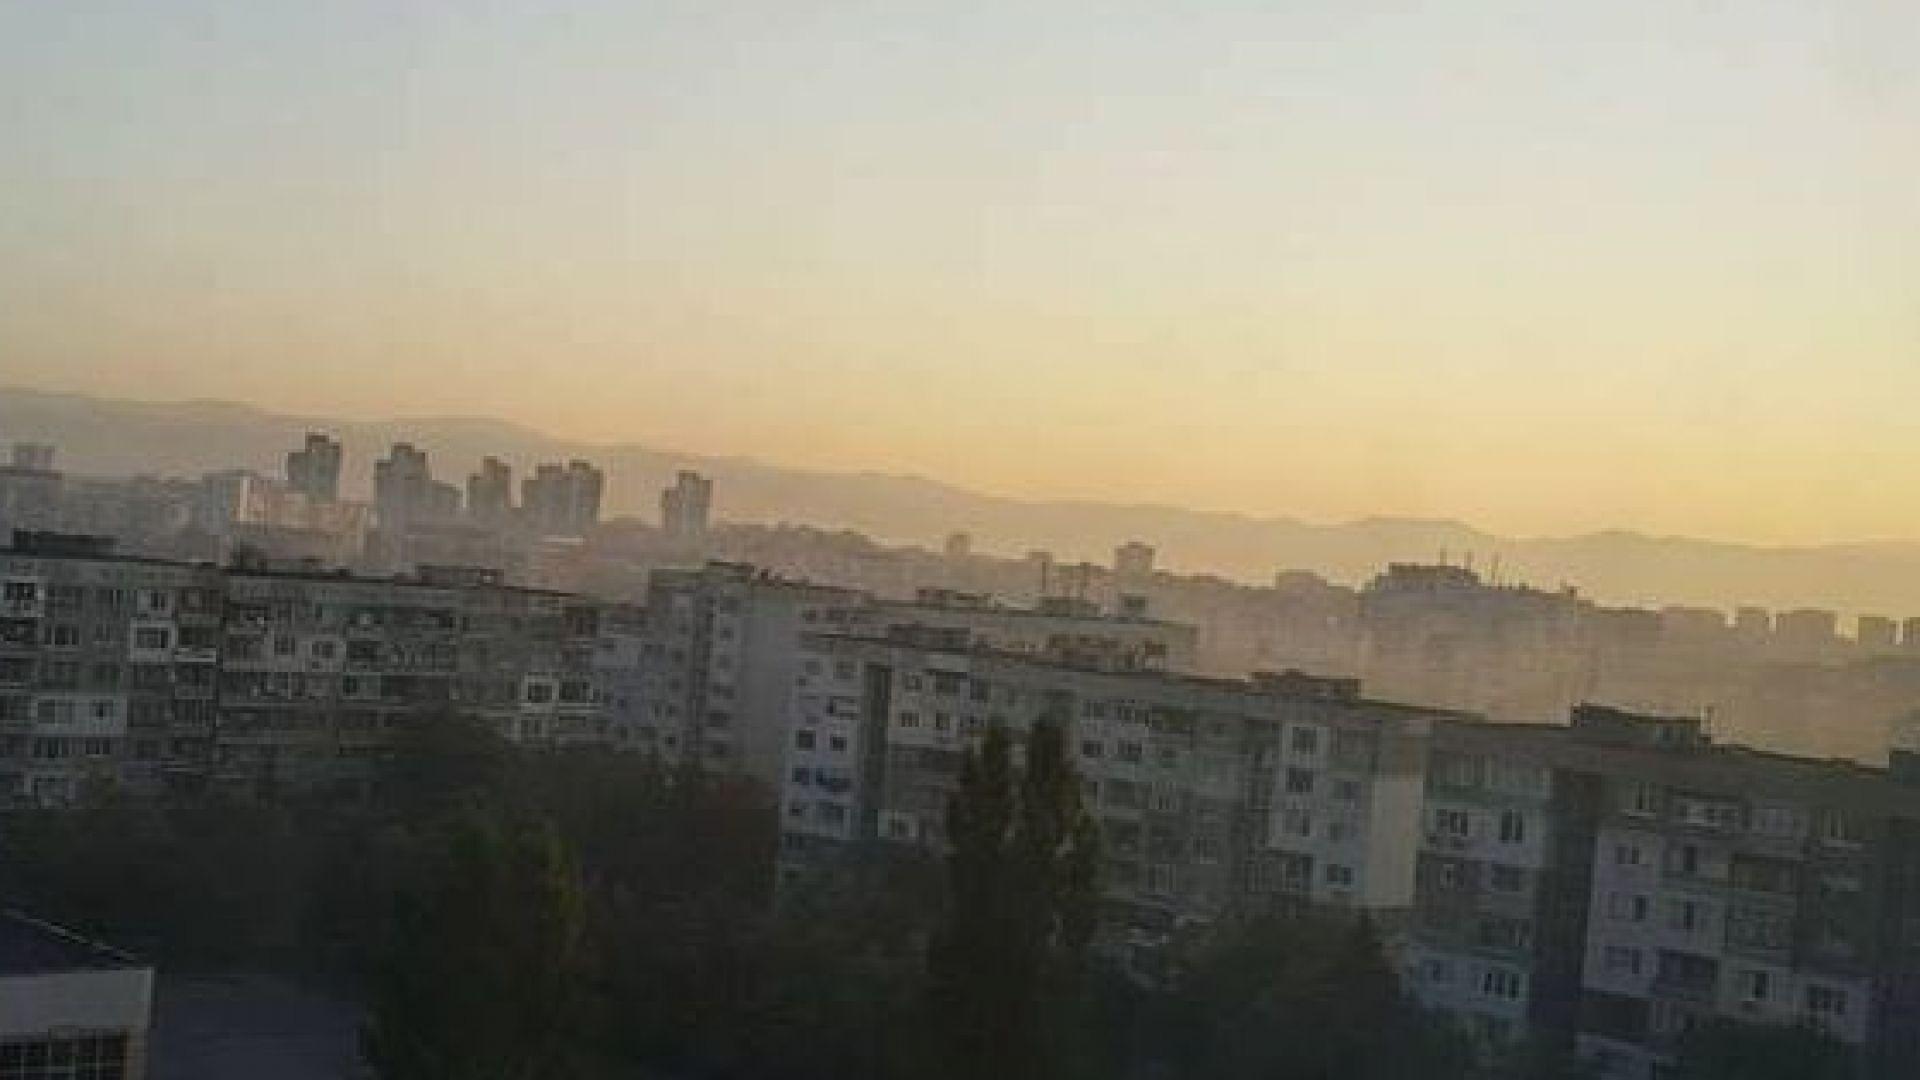 Смрад в София - няколко квартала се оплакват от остра миризма